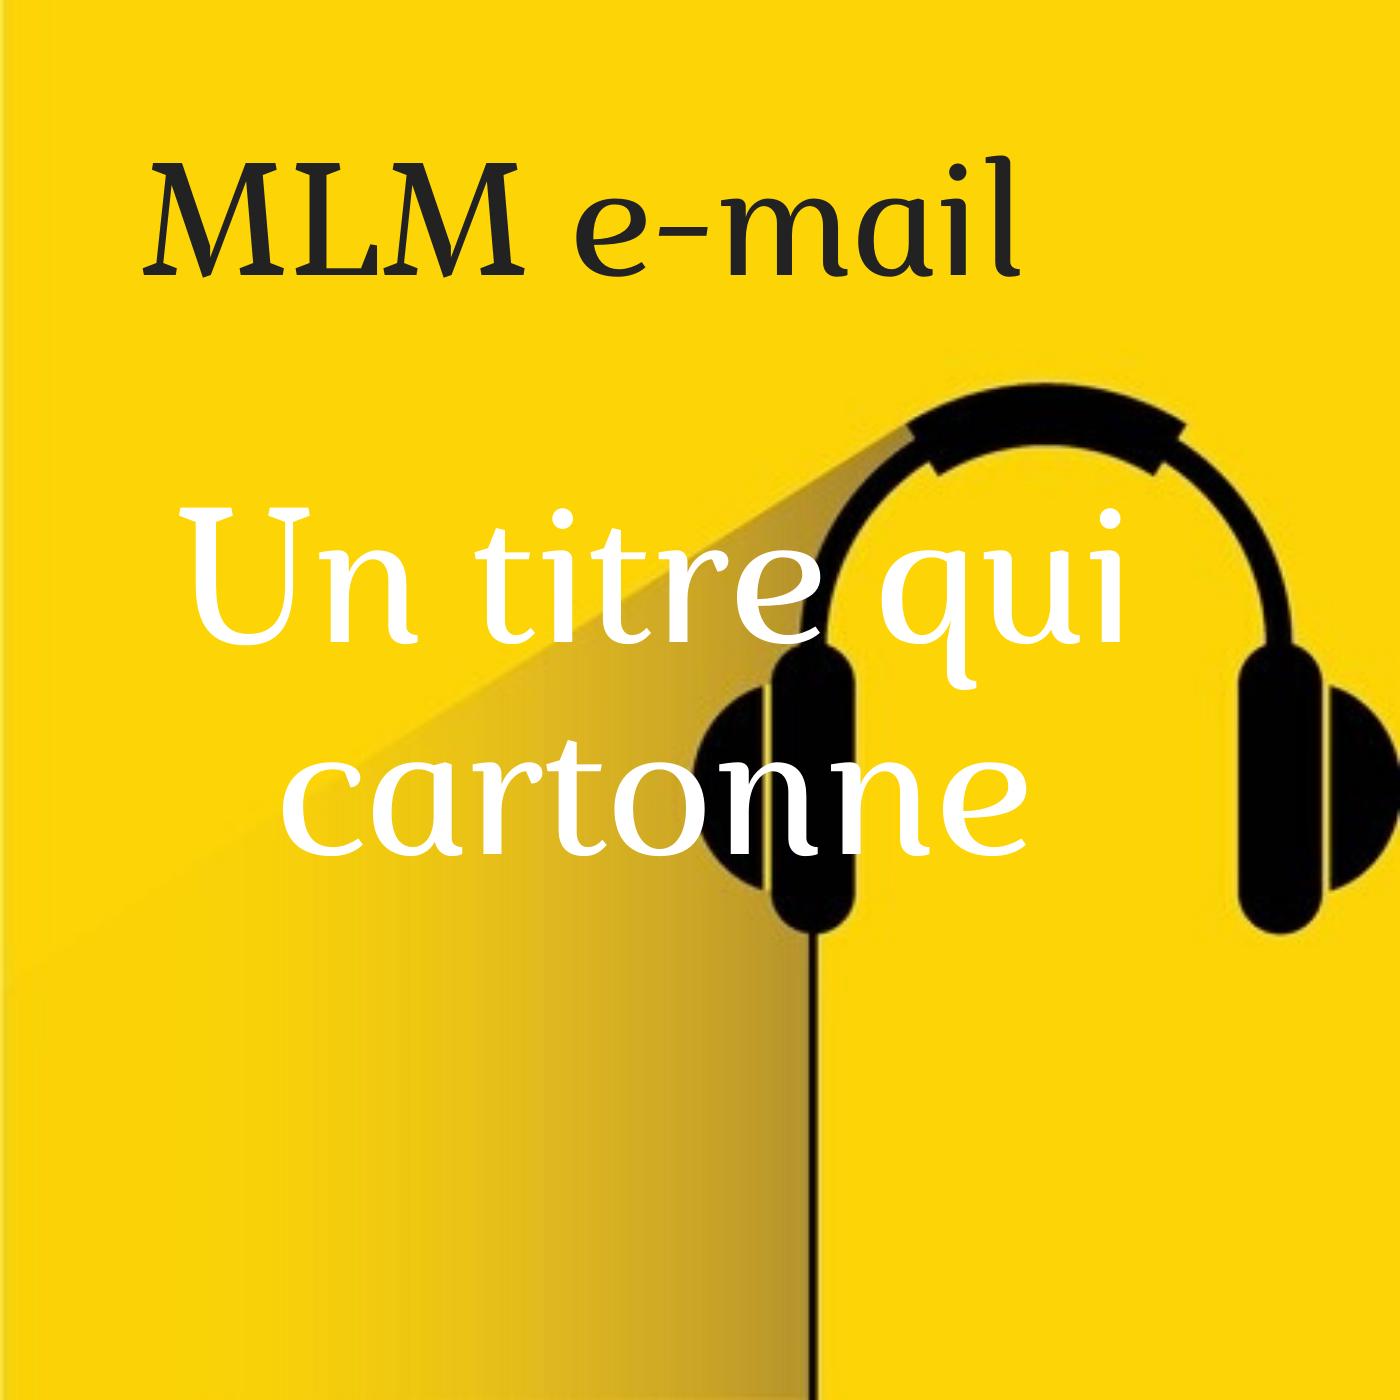 MLM e-mail : exemple d'un titre qui cartonne